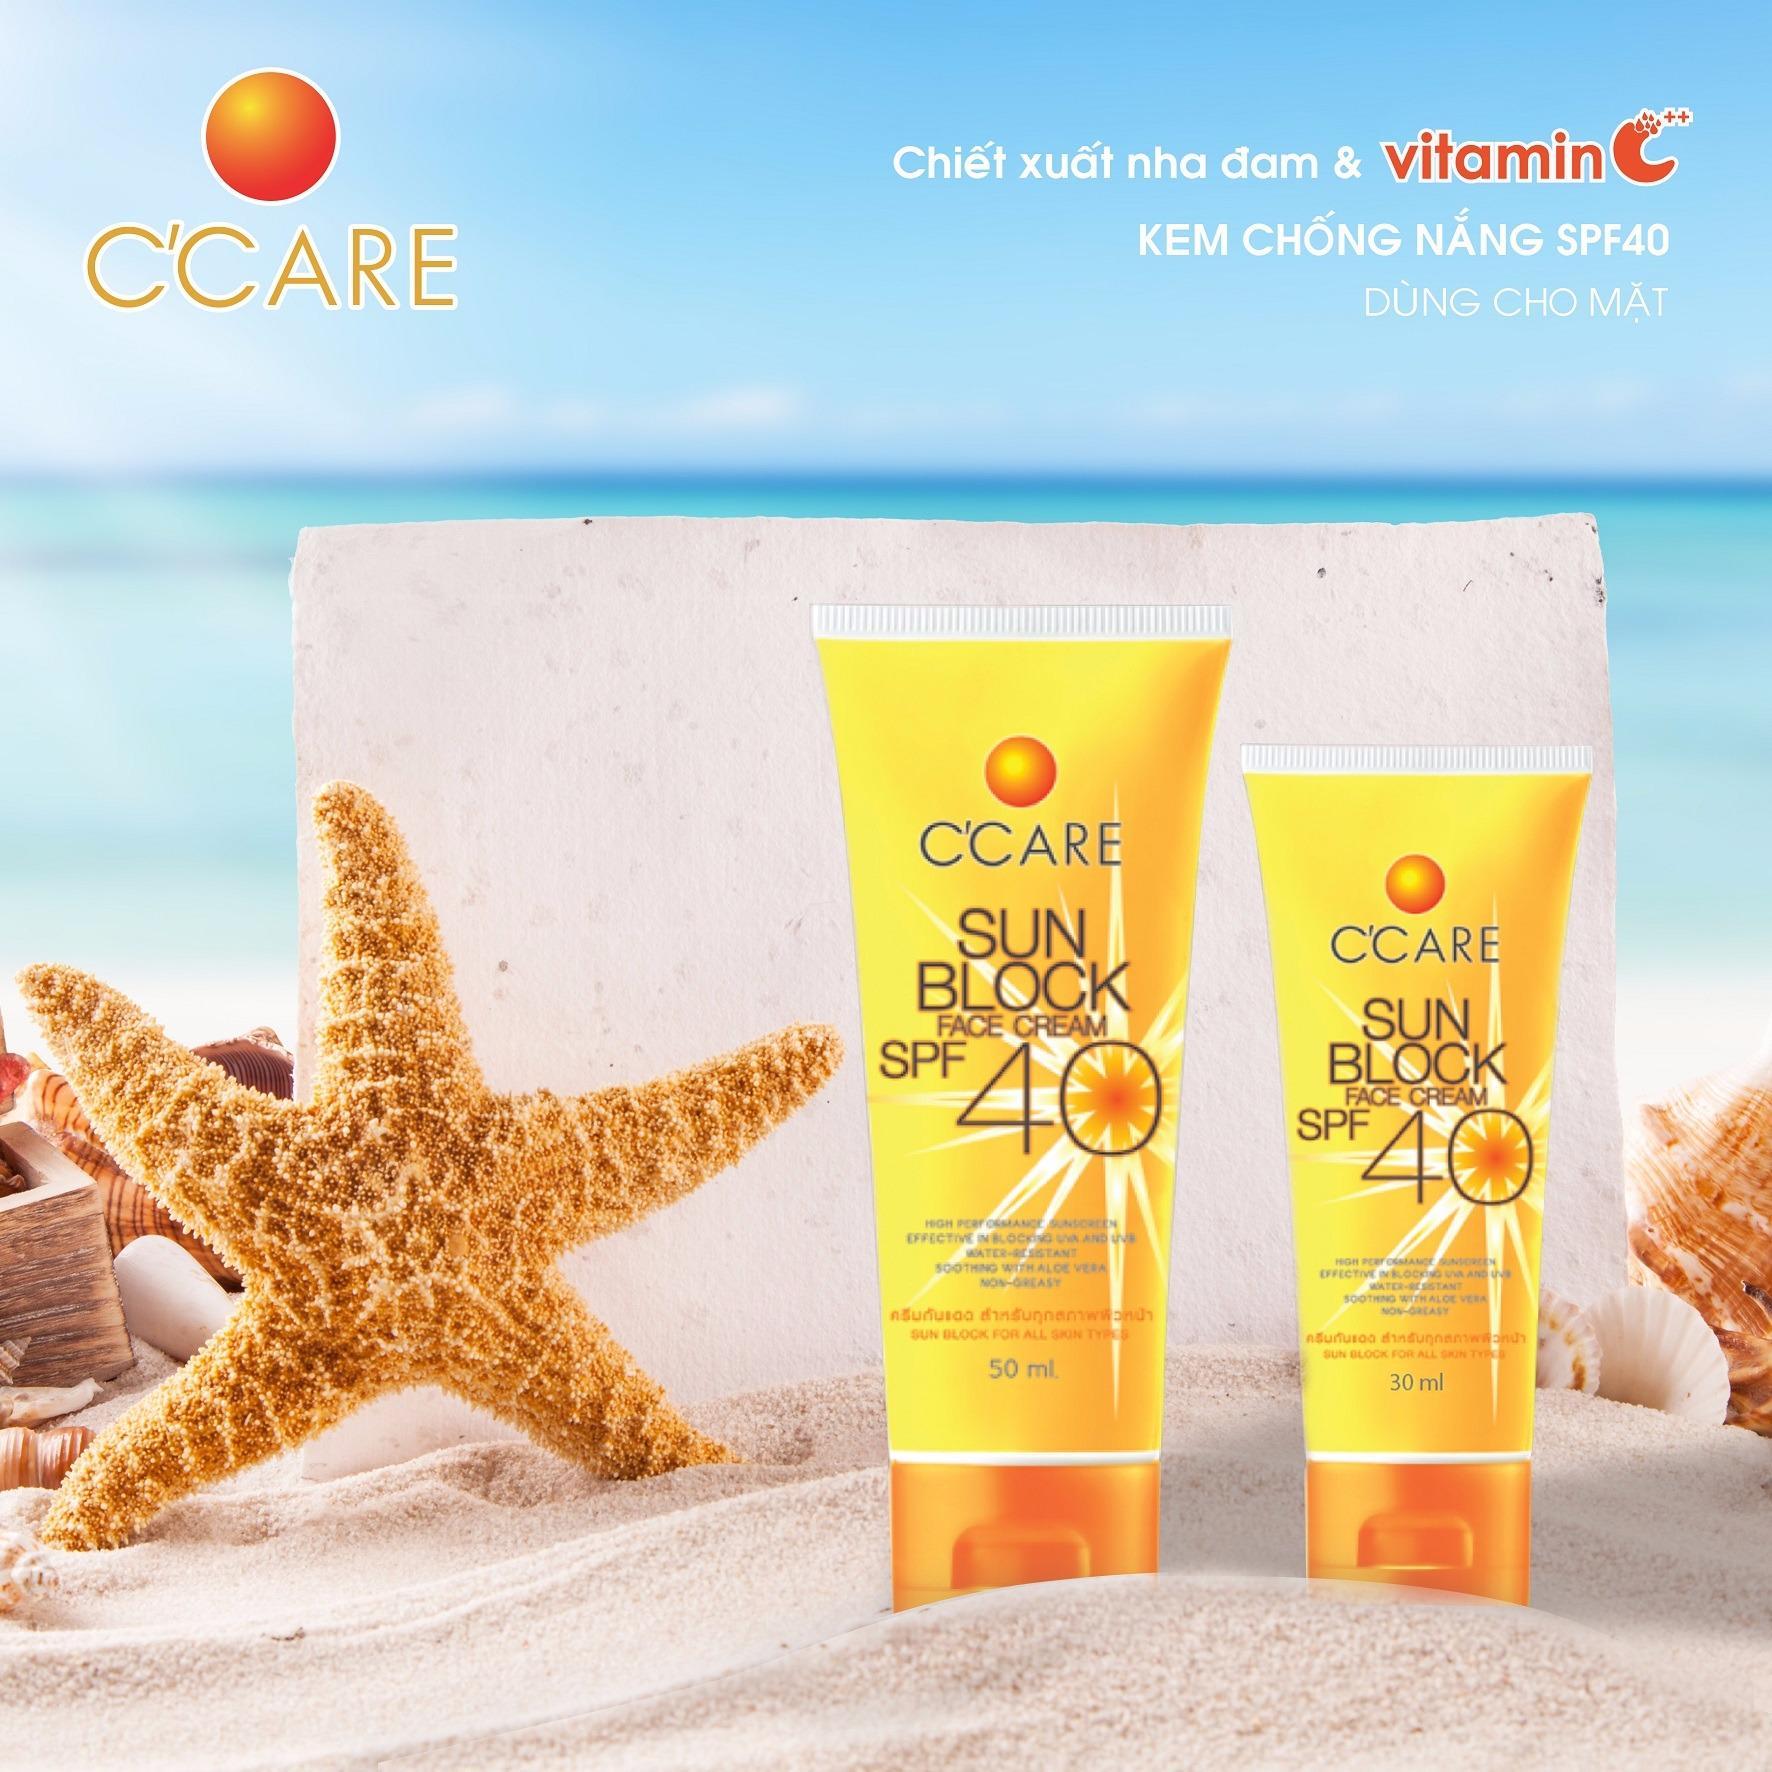 CCare Kem chống nắng SPF 40 30ml - Dùng cho mặt